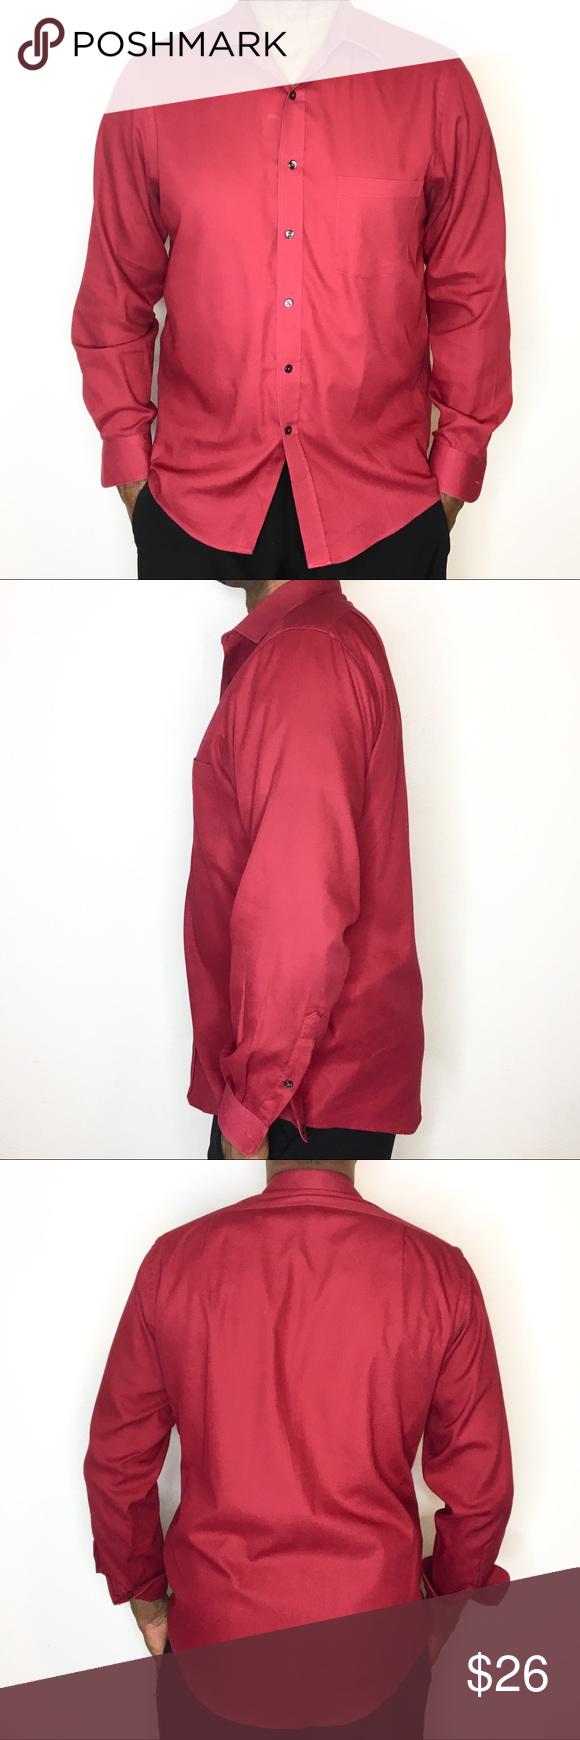 0f92ff320f8 Van Heusen pin cord Red Button Down Dress Shirt